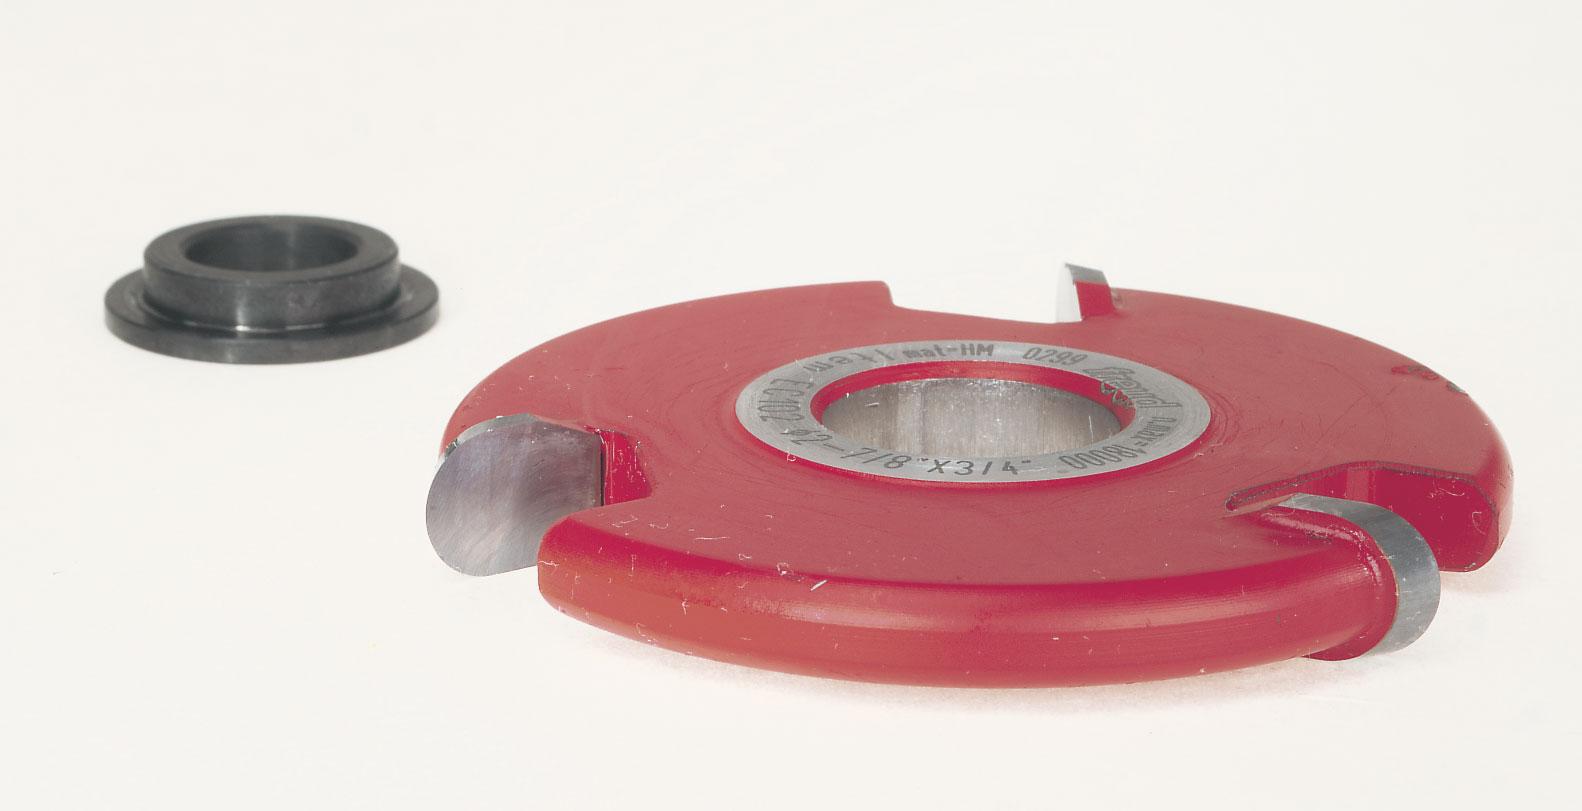 1-1//4 Bore Freud UP107 1//2-Inch Convex Radius Shaper Cutter